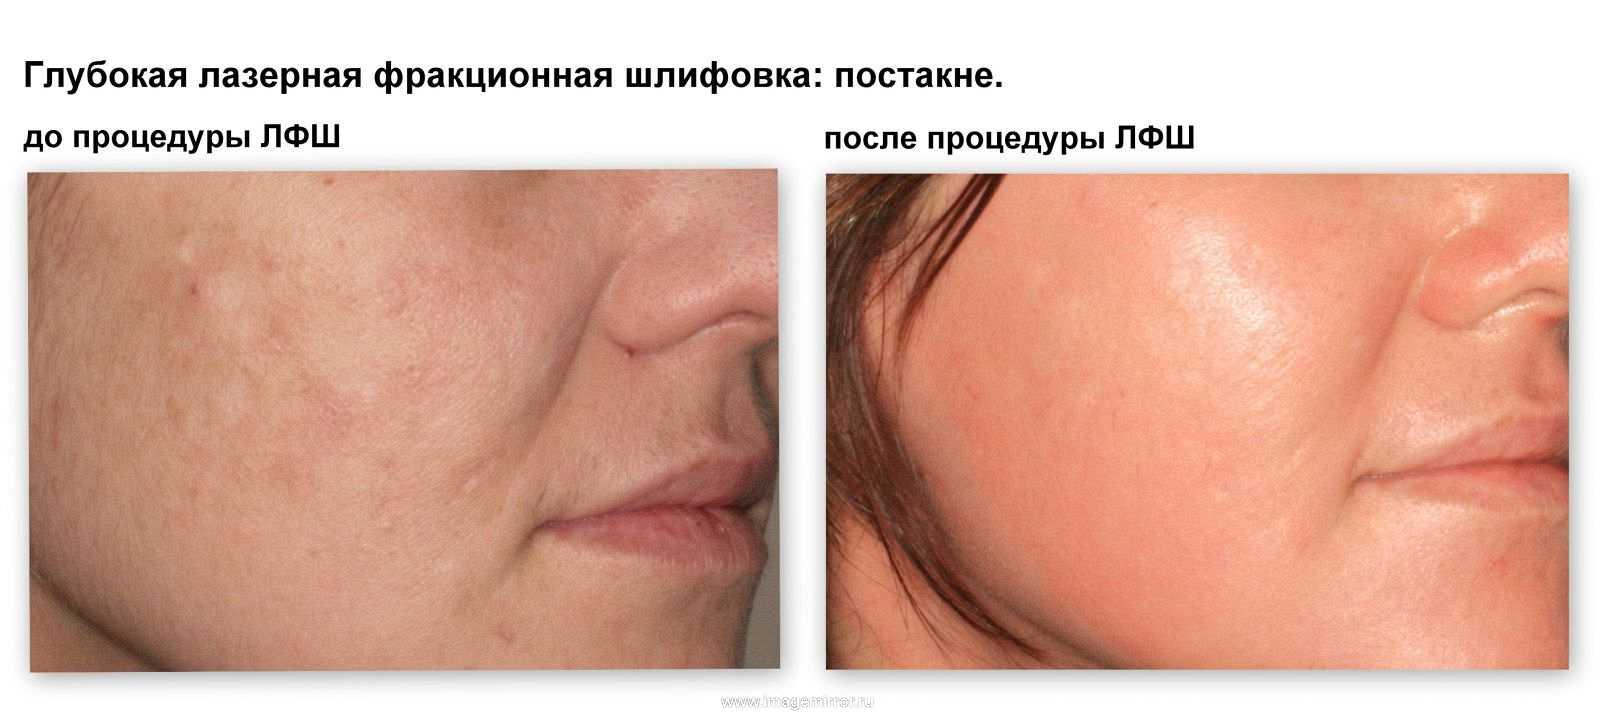 omolozhenie kozhi lazernaya fraktsionnaya shlifovka 1